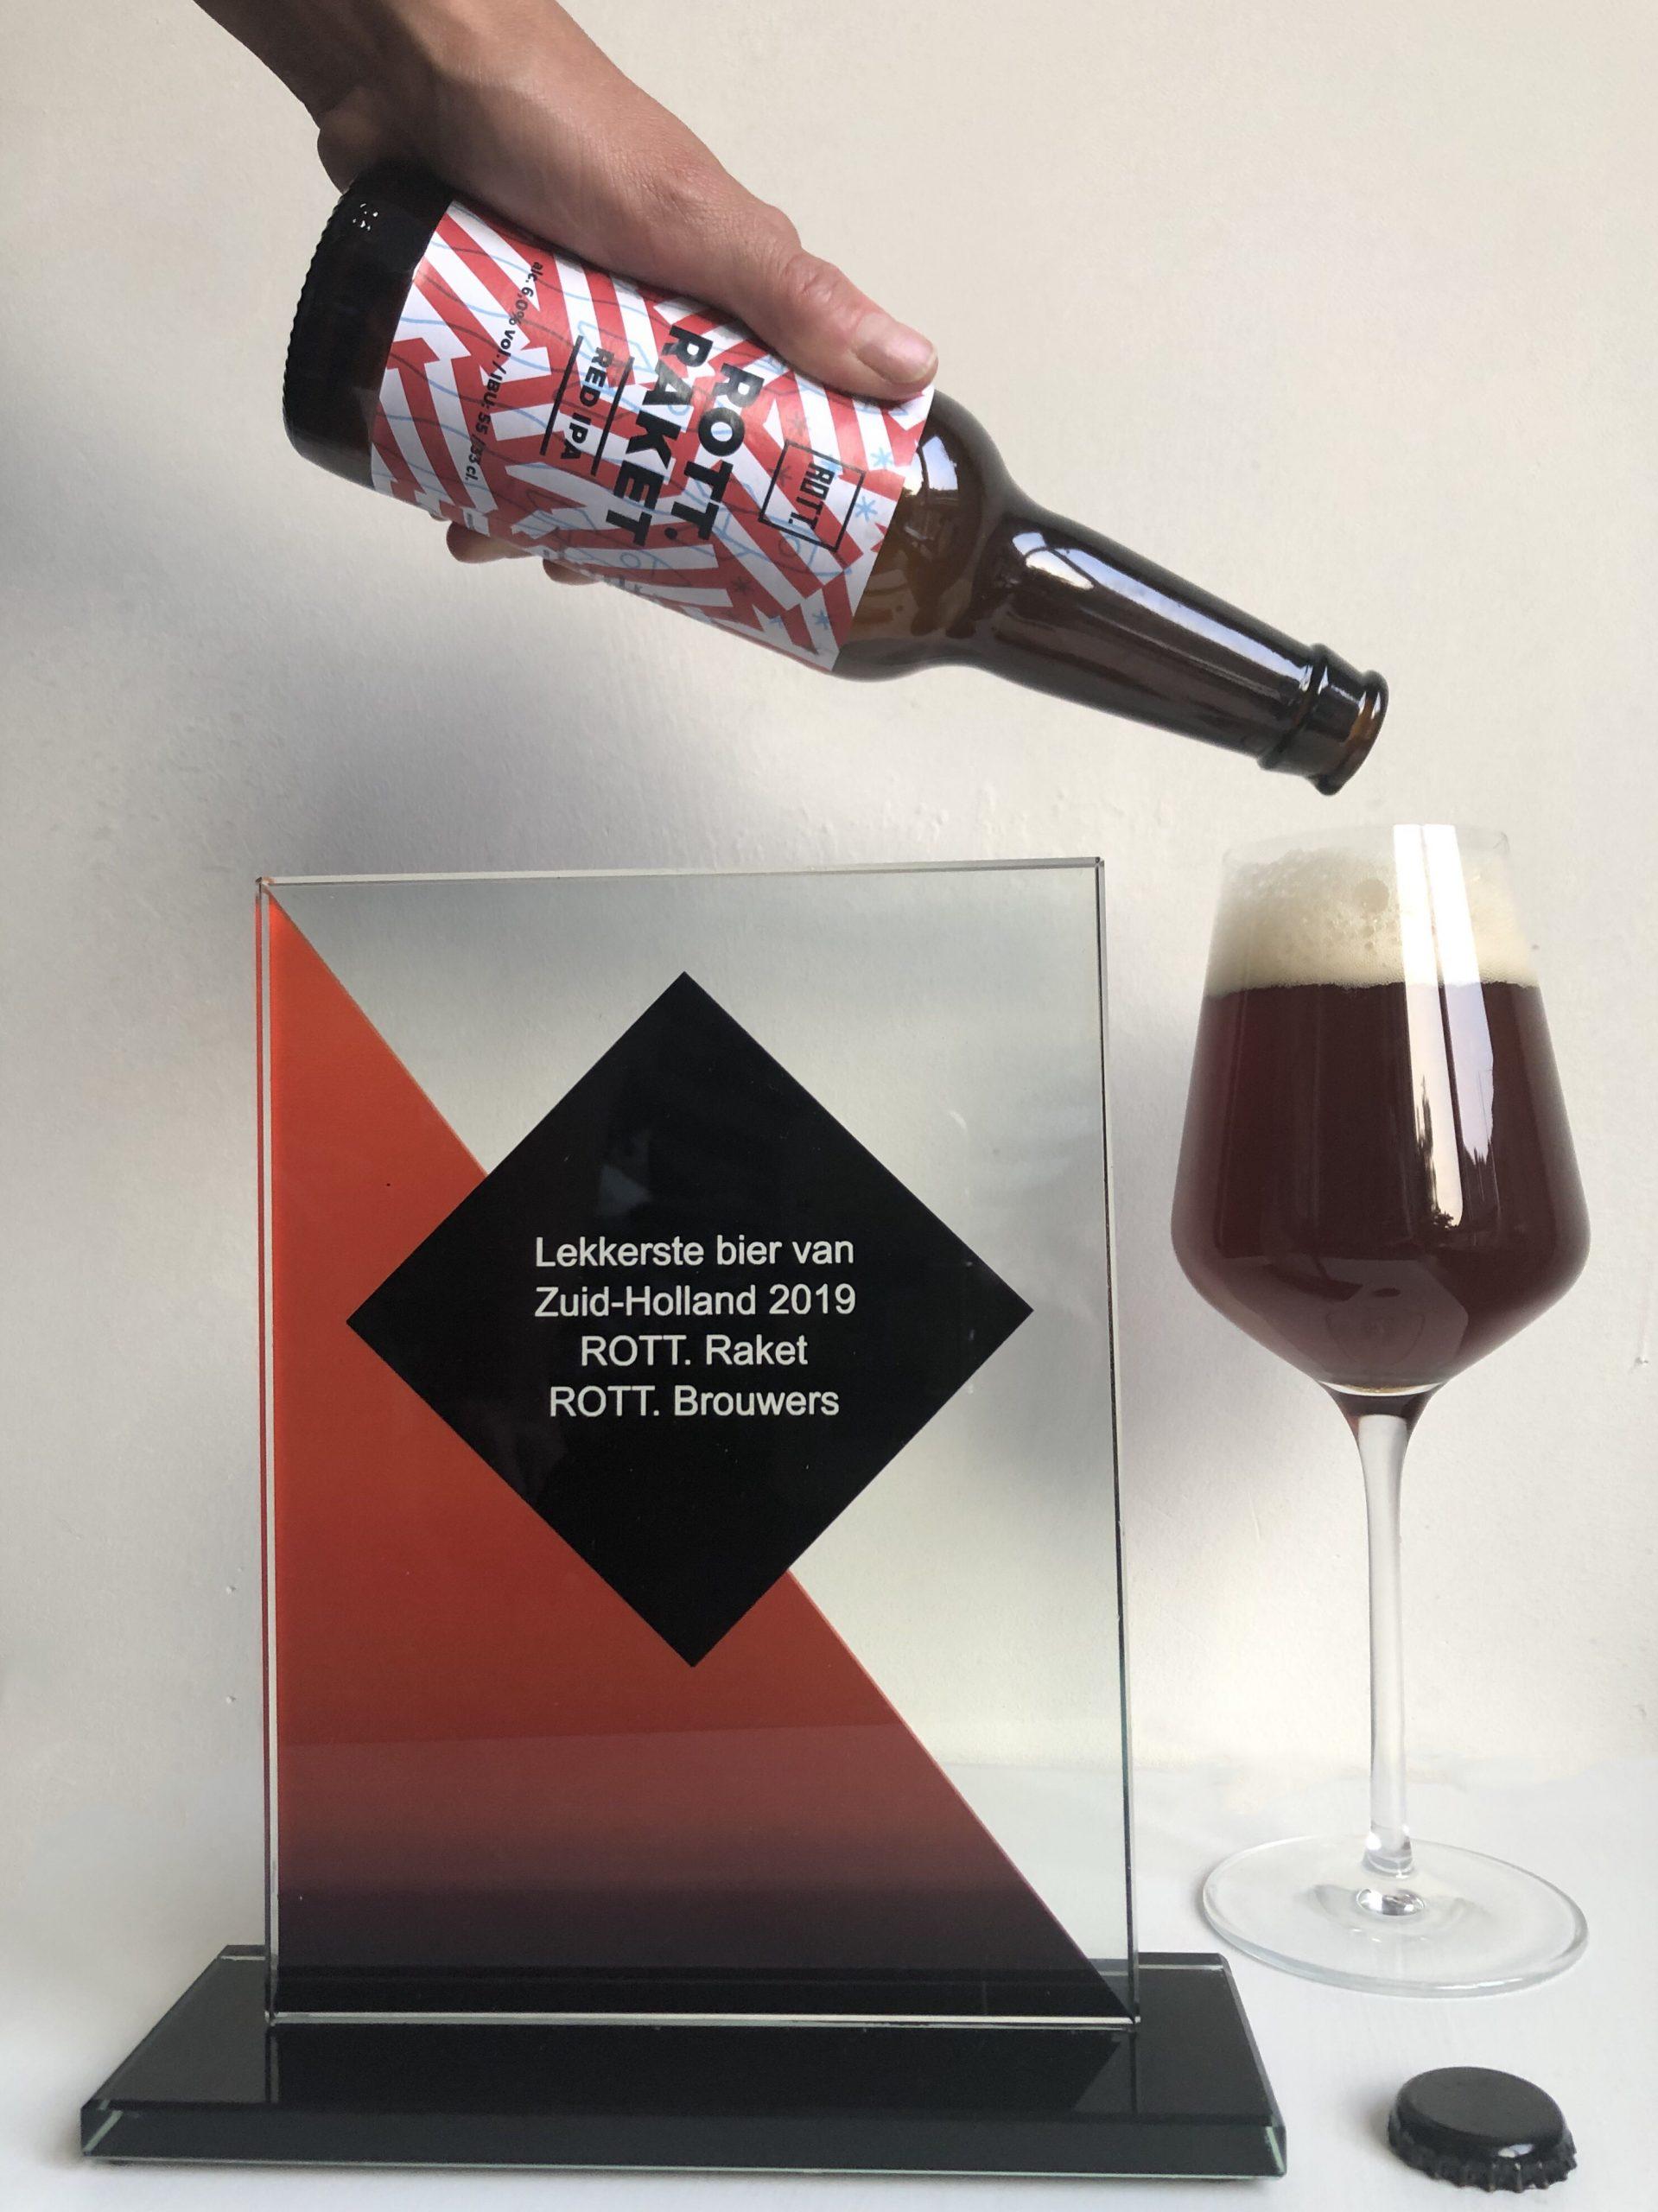 ROTT.raket is het Lekkerste Bier van Zuid-Holland